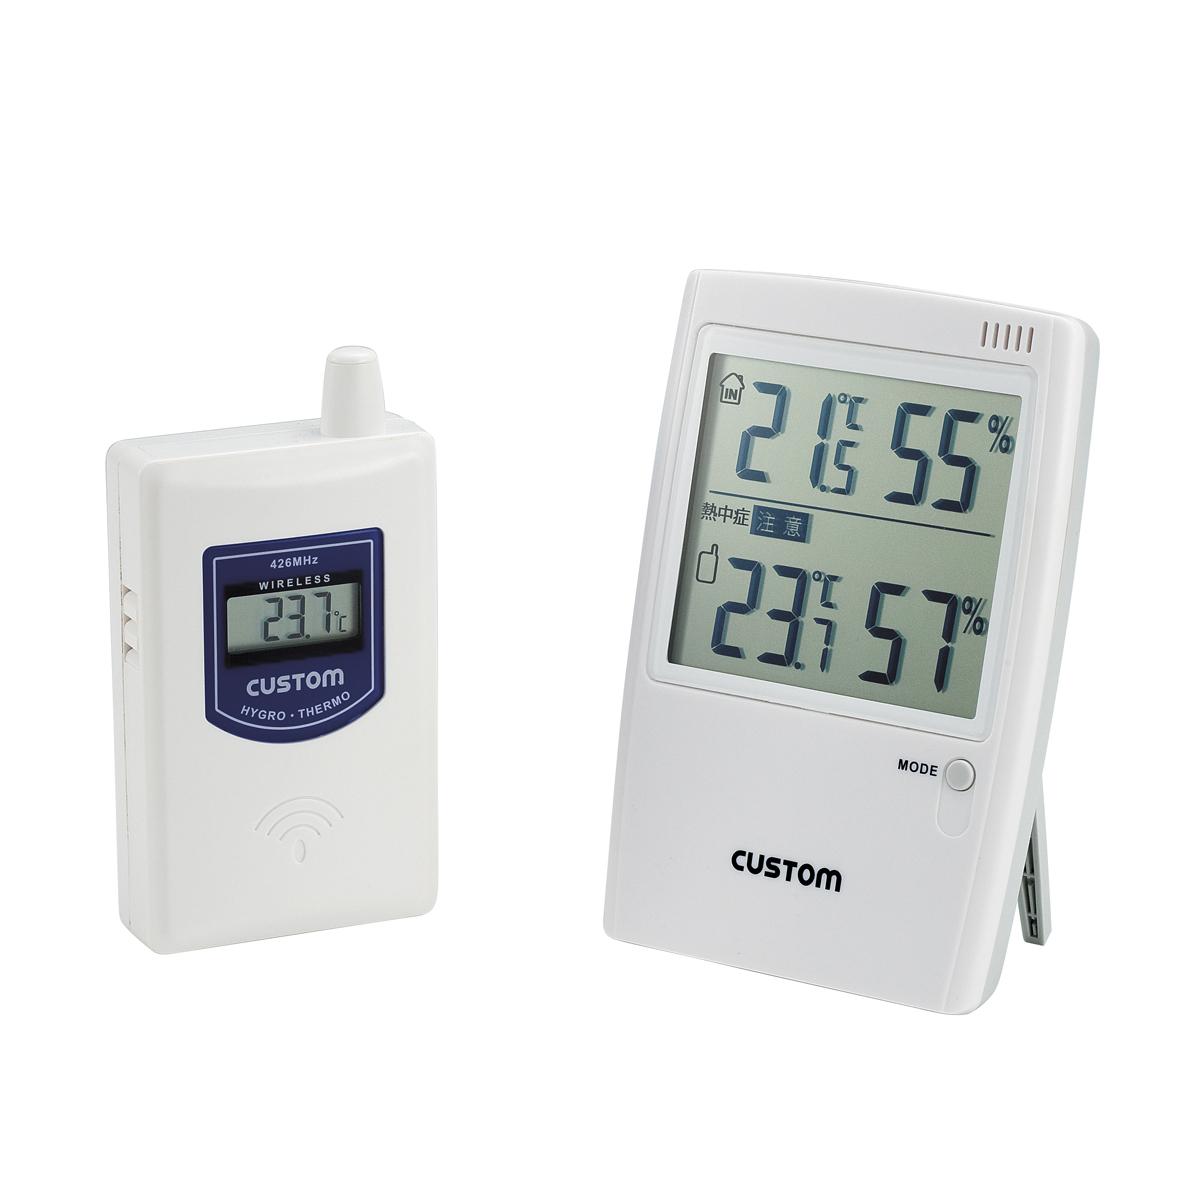 お見舞い HI-01RF無線温湿度モニター HI-01RF, イケチュー:f93ffe44 --- test.ips.pl